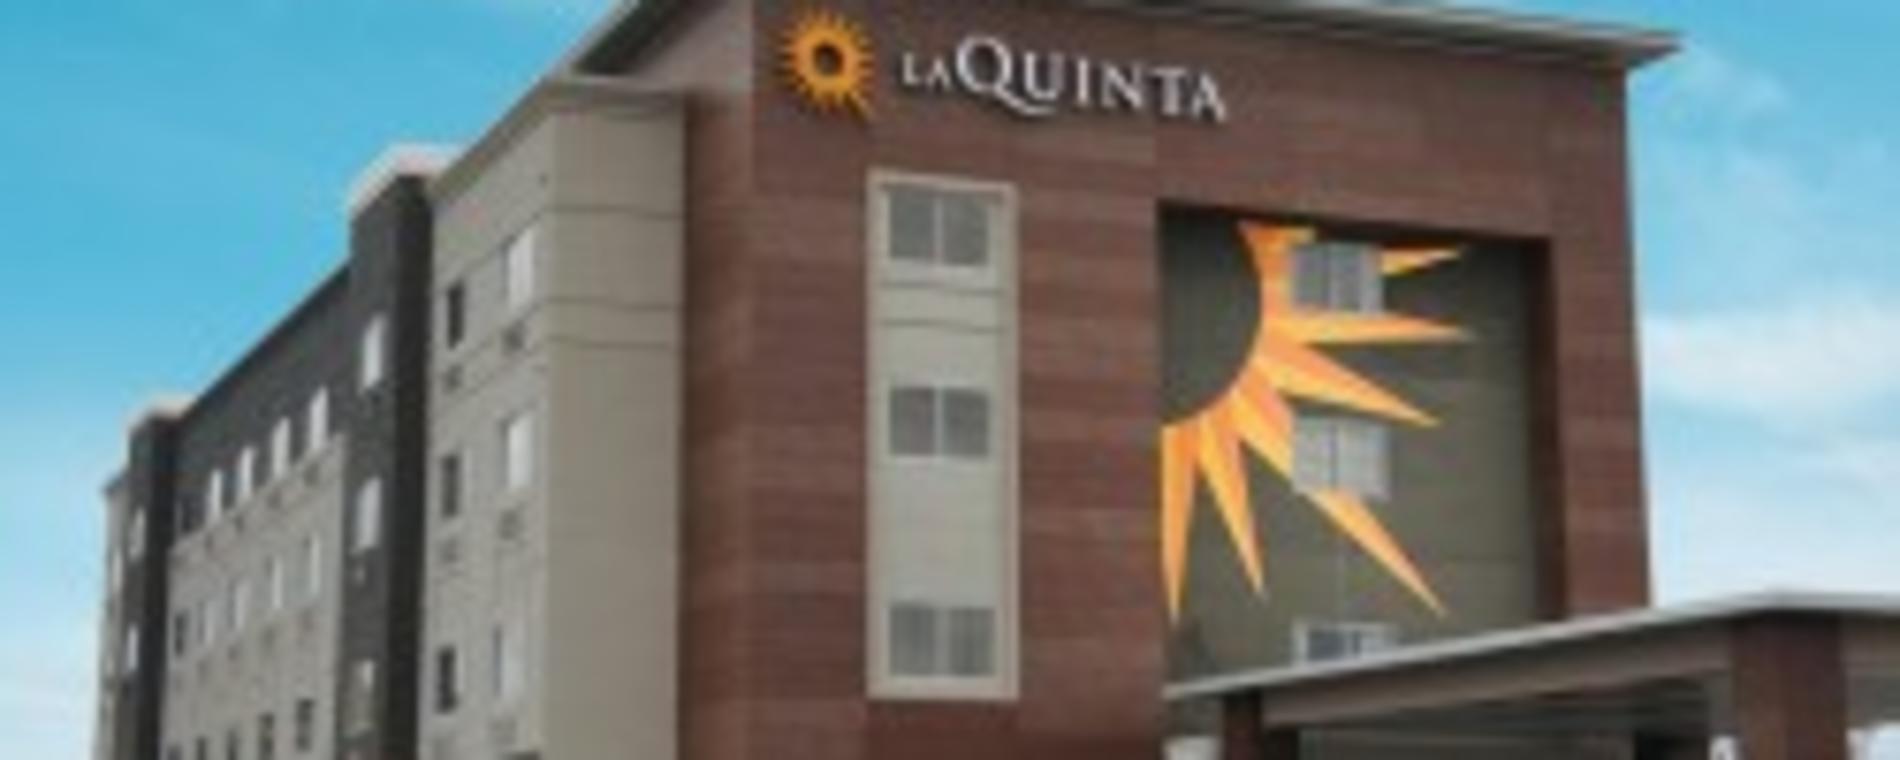 La Quinta Airport exterior Visit Wichita